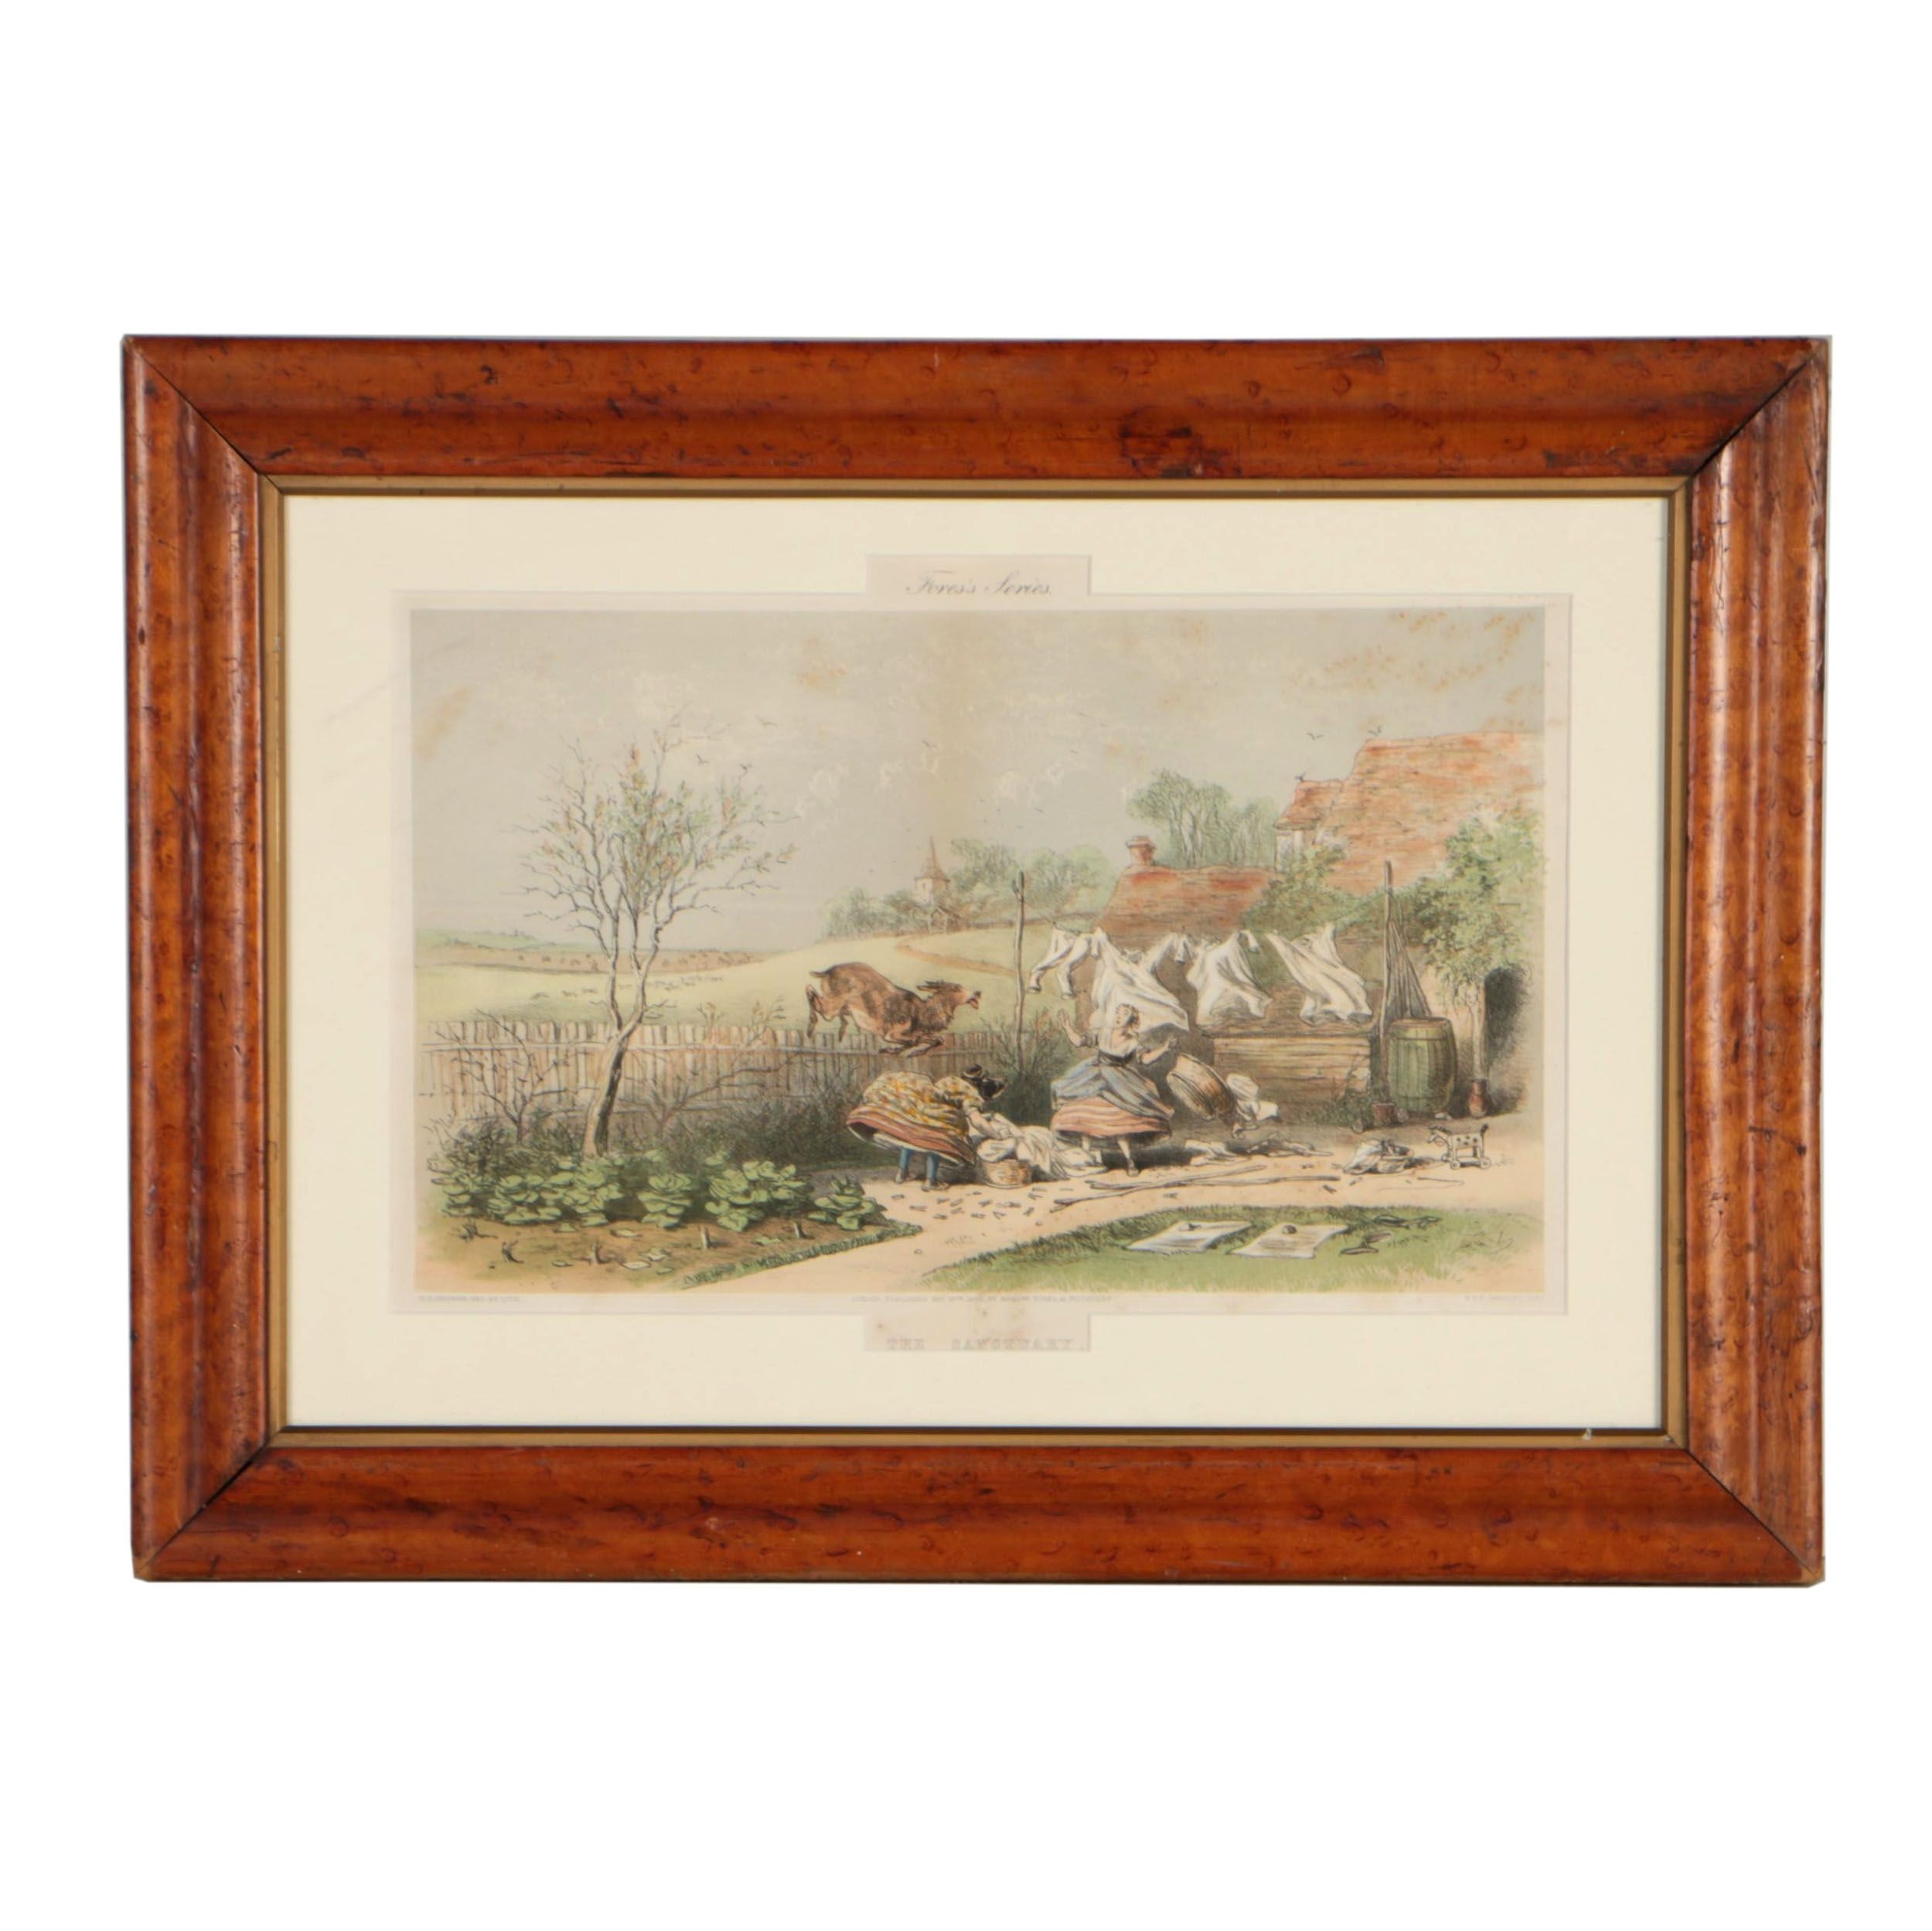 """H.K. Browne Color Lithograph """"The Sanctuary"""", 1863"""